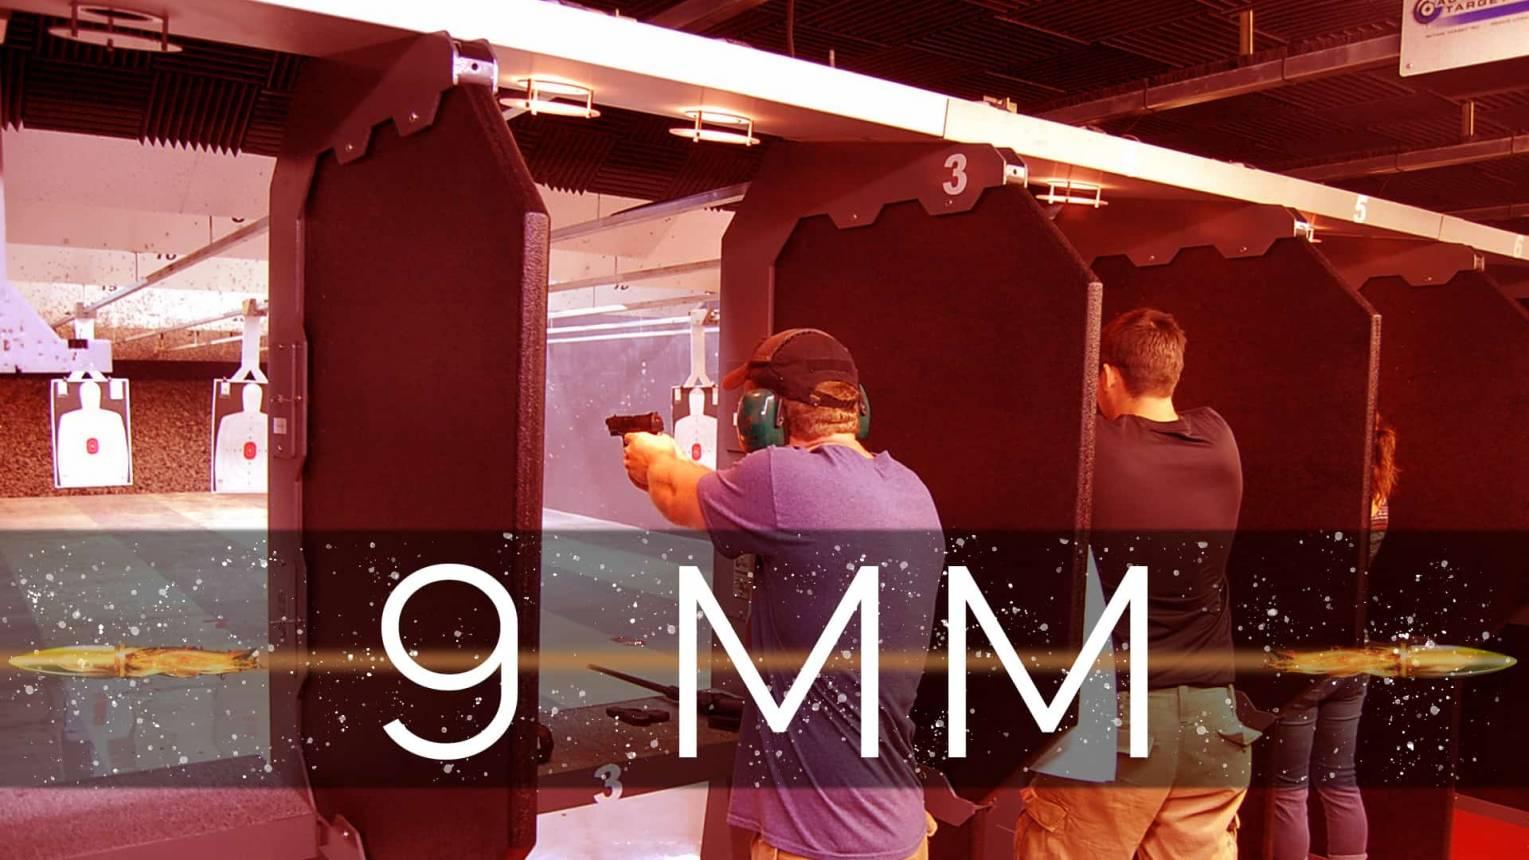 9 mm-es lövészet a belvárosban